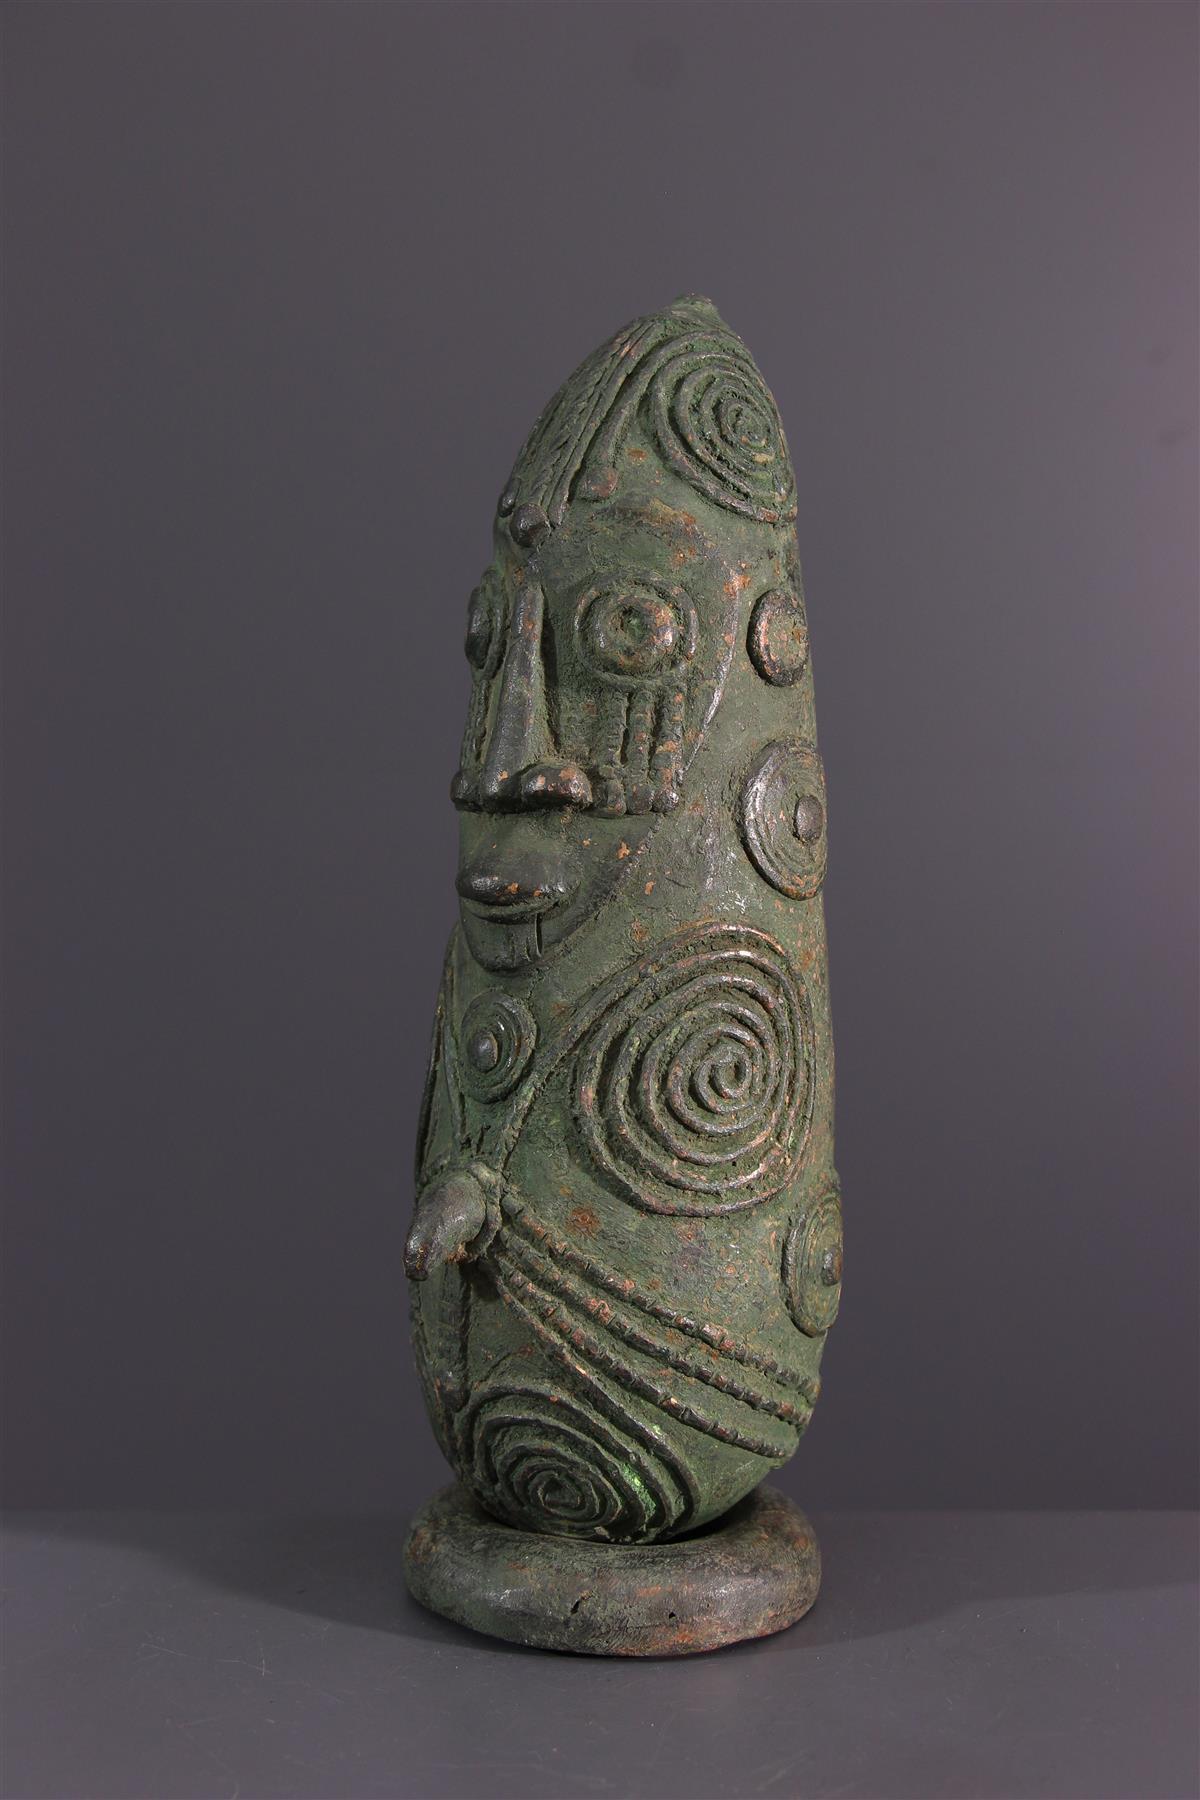 Mambila bronzen - Afrikaanse kunst